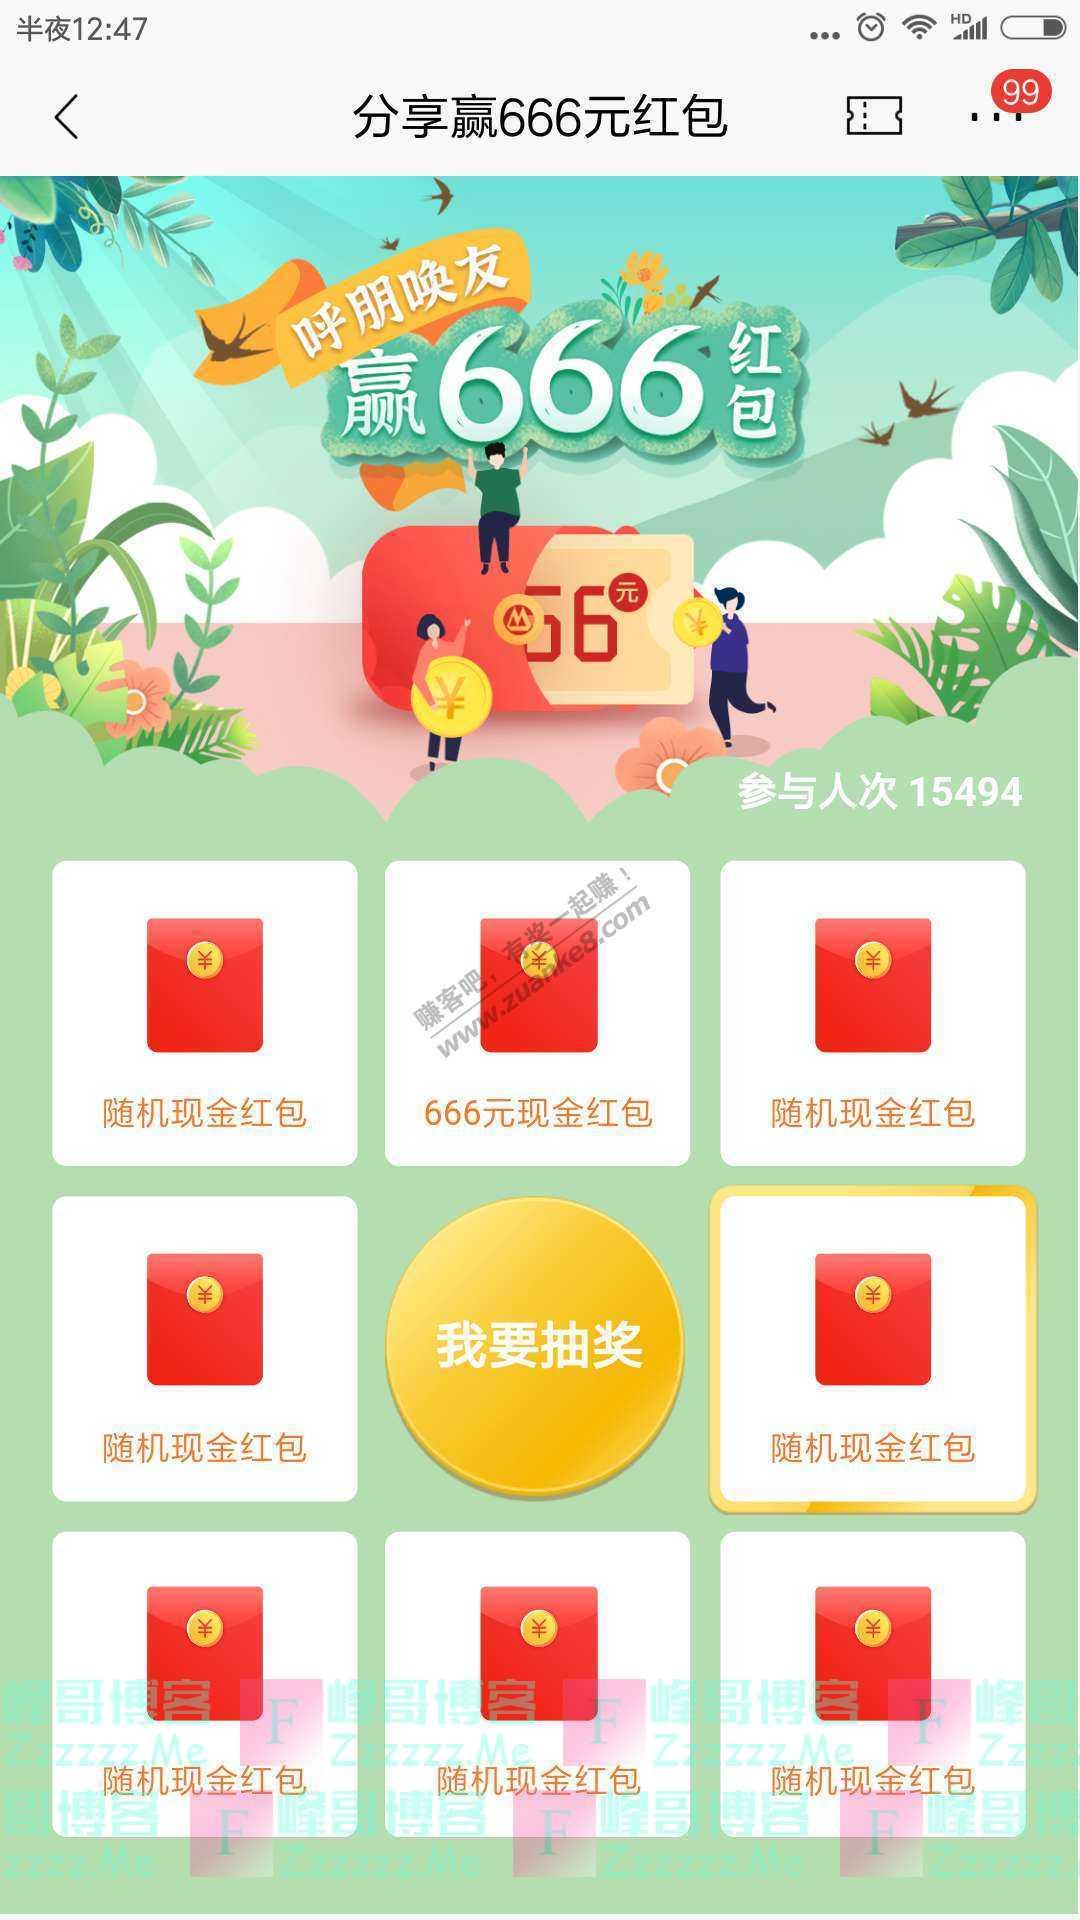 招行呼朋唤友赢666红包(截止5月31日)